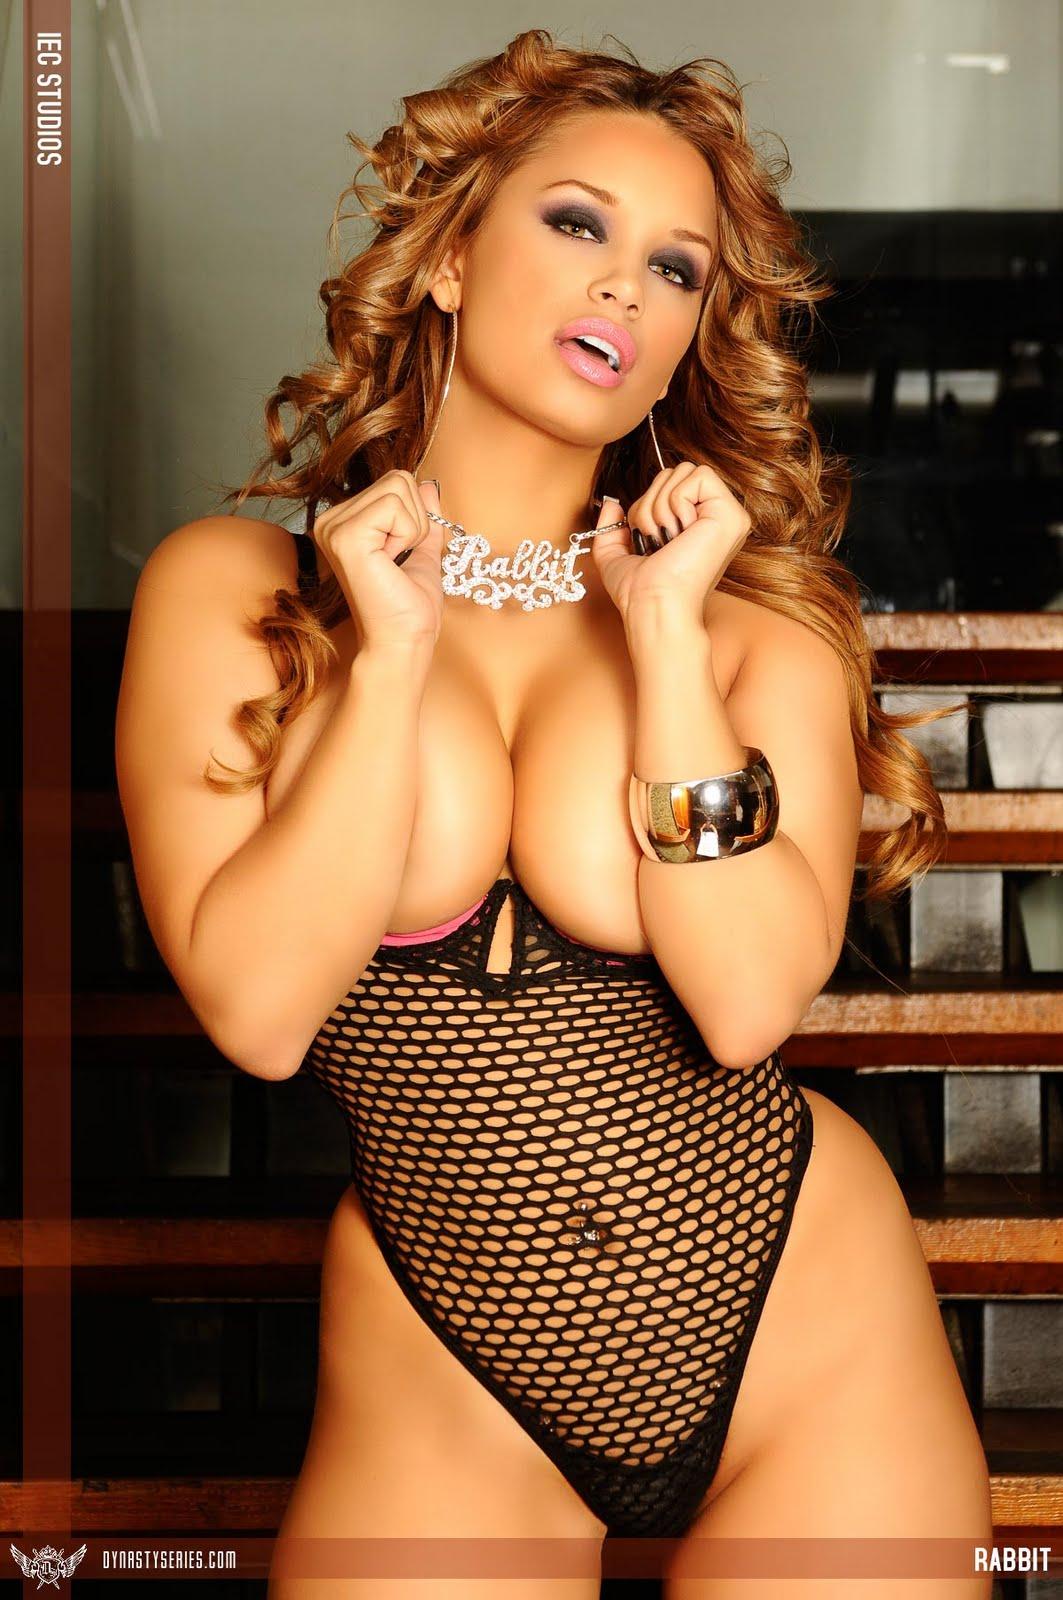 http://4.bp.blogspot.com/-lDb3xRQuEqk/TgnoFH8QTsI/AAAAAAAAAVc/heprRTKjGXQ/s1600/jessica_miss_rabbit_82.jpg